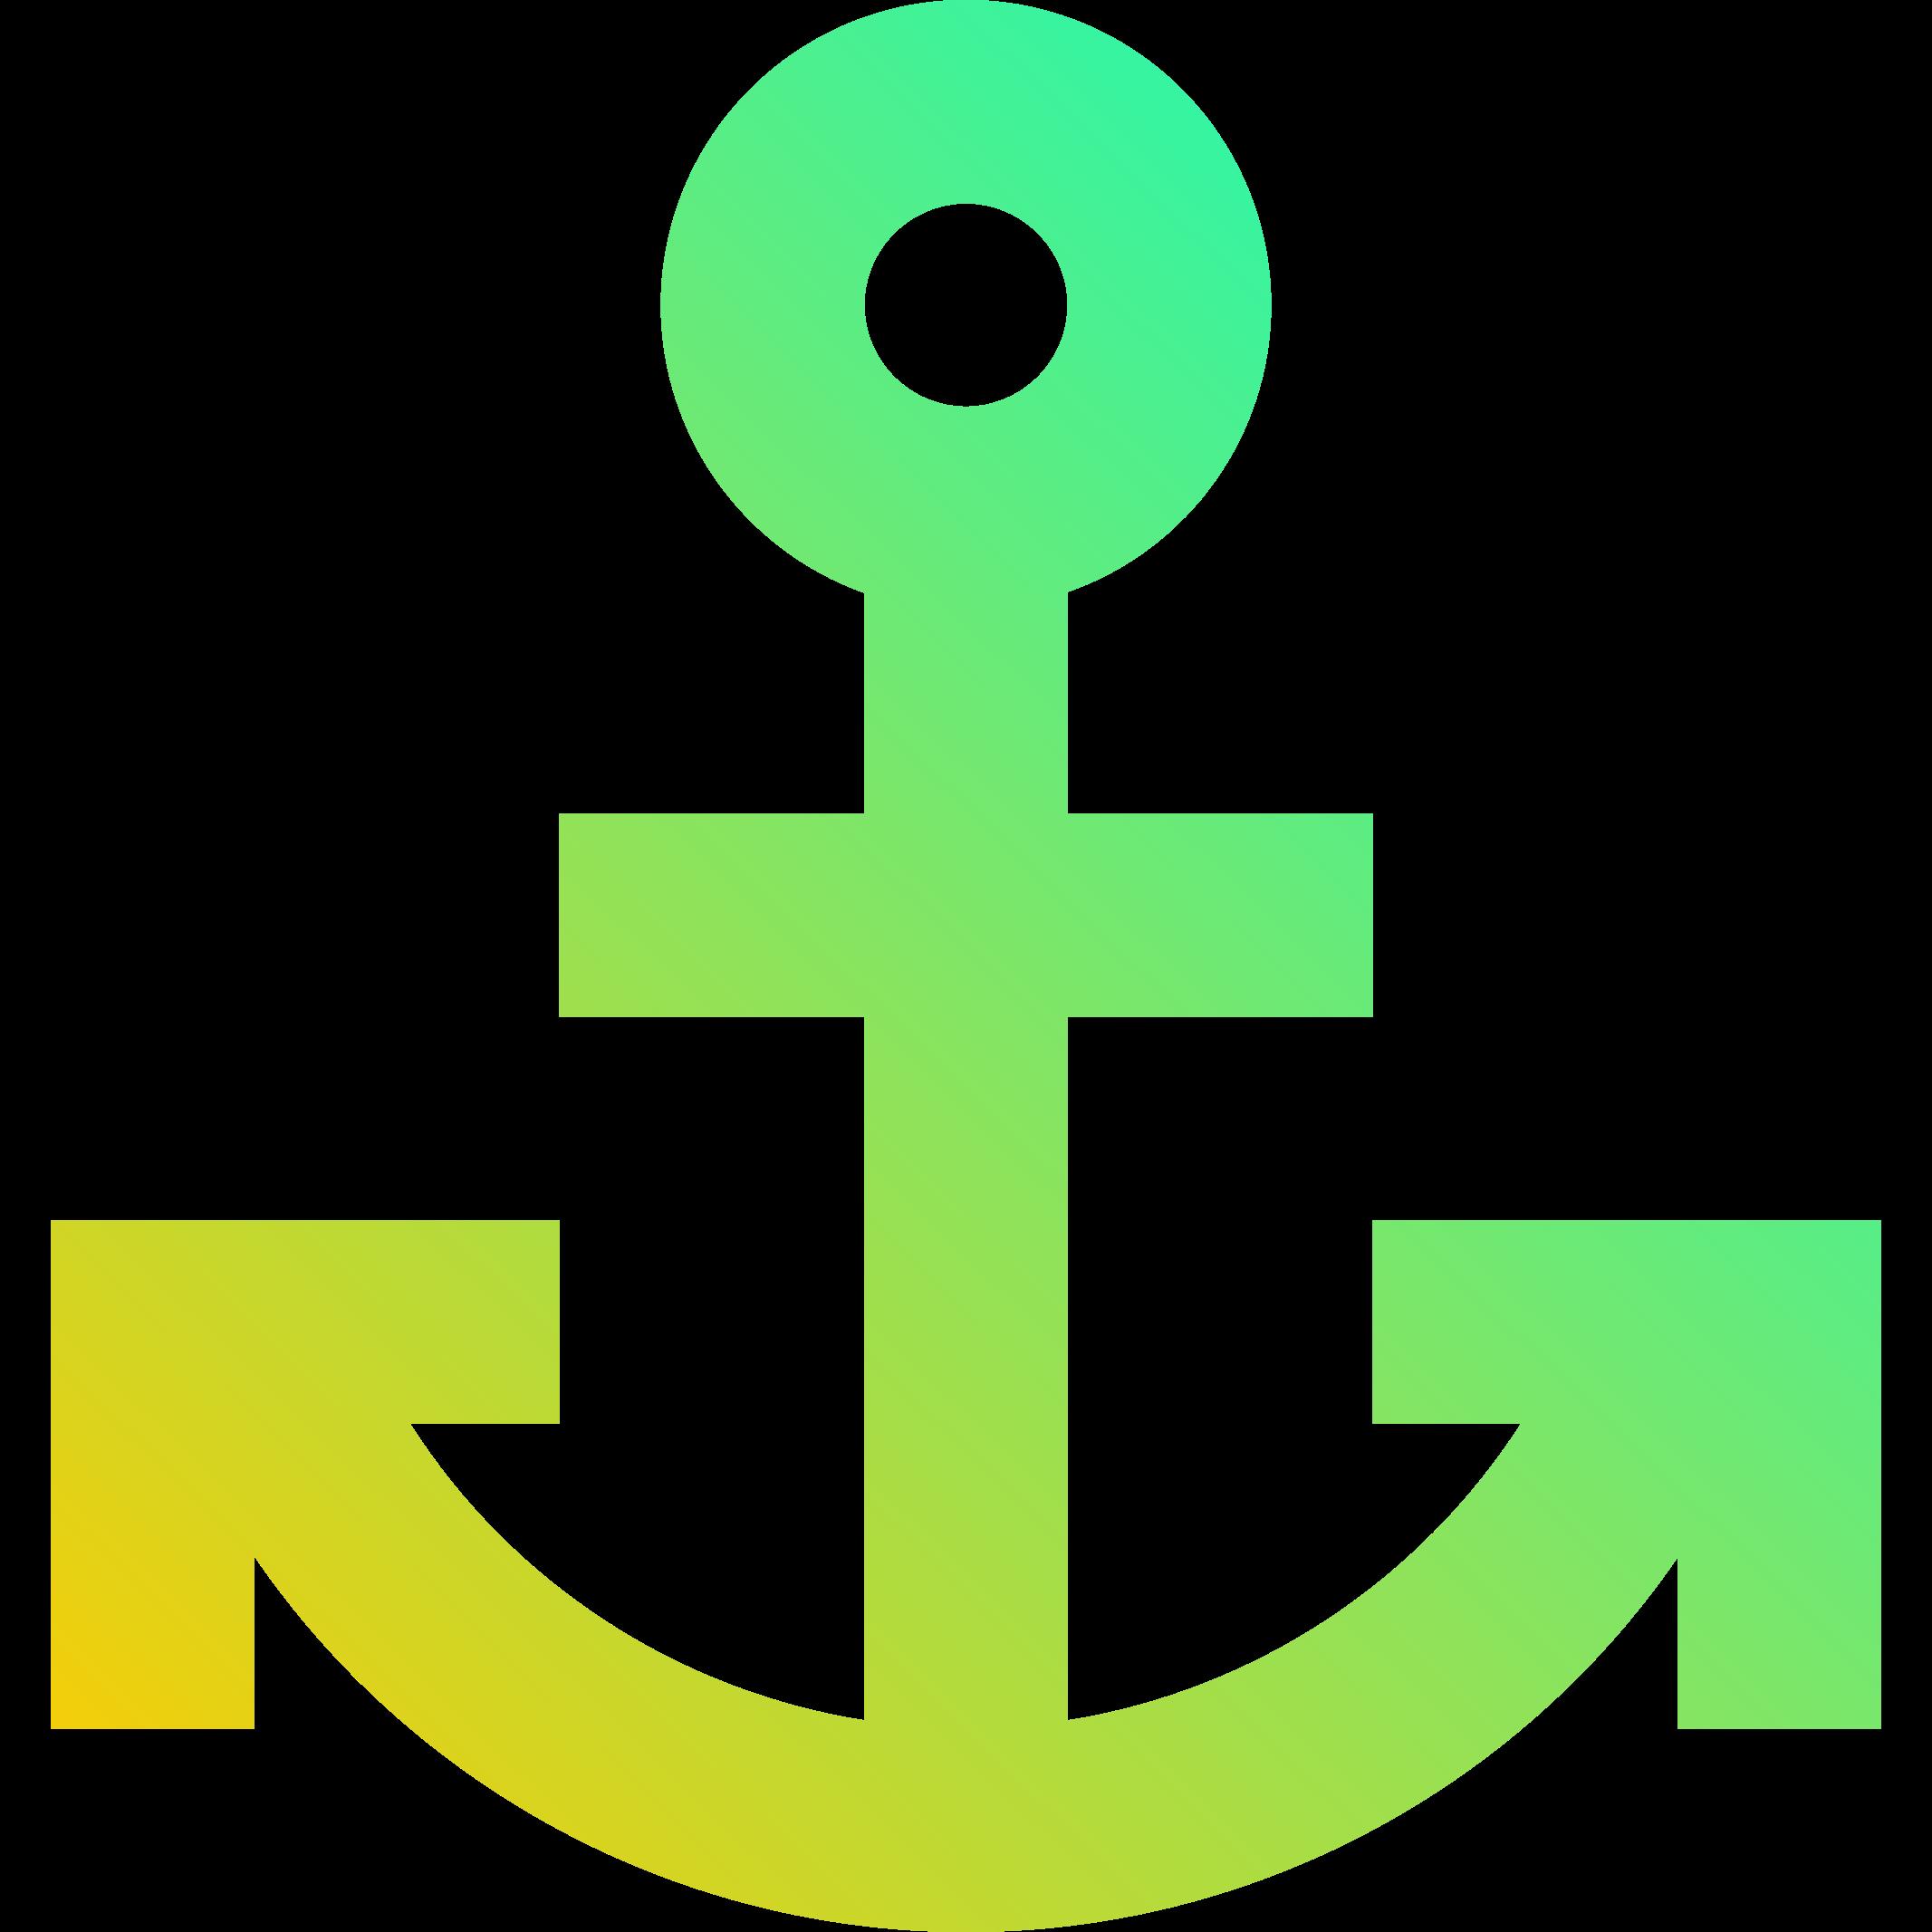 Docking logo